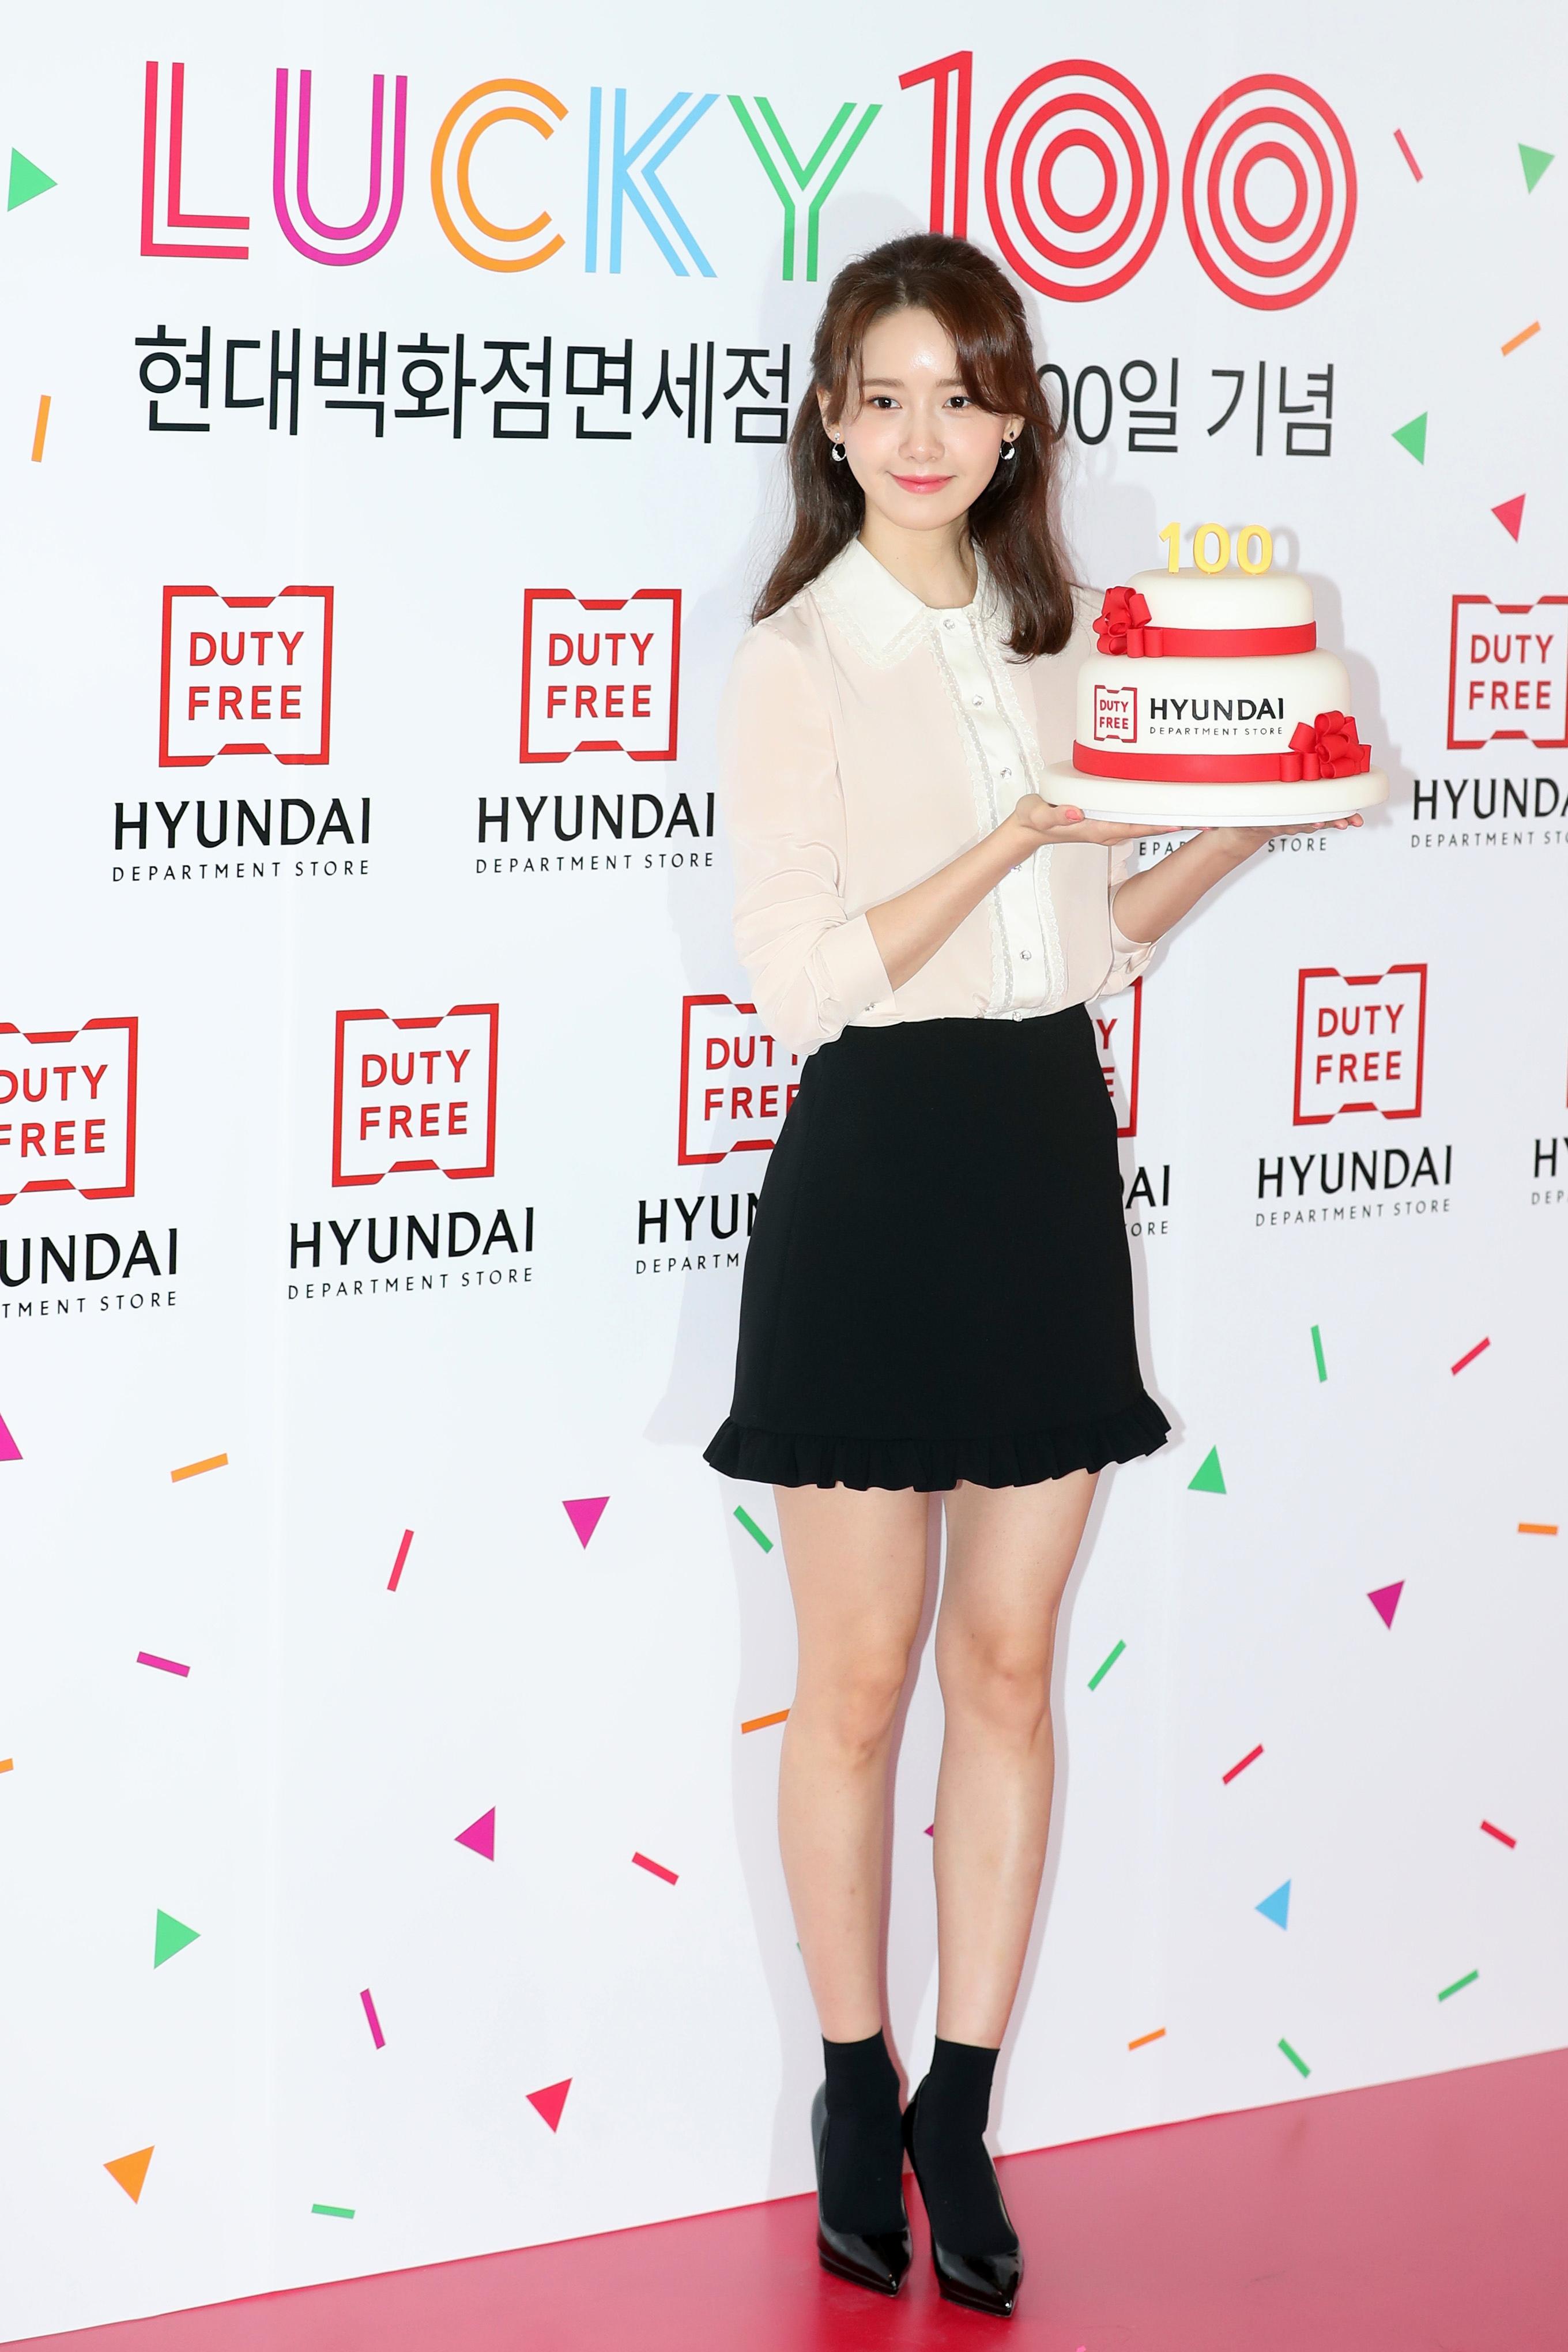 소녀시대 윤아 현대백화점면세점 오픈 100일 기념 포토월 사진